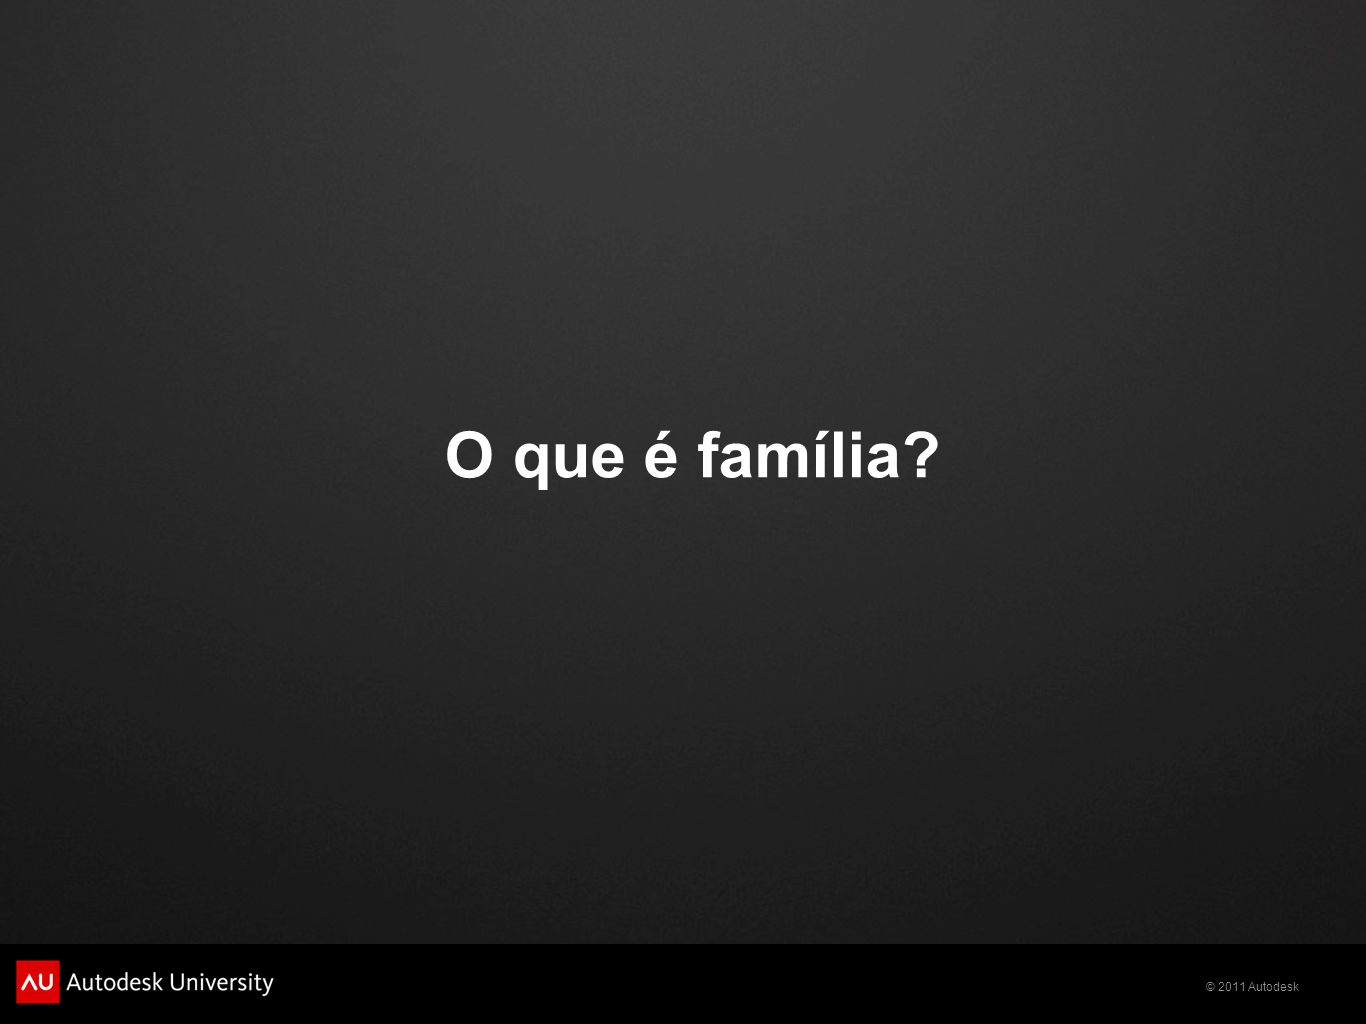 O que é família